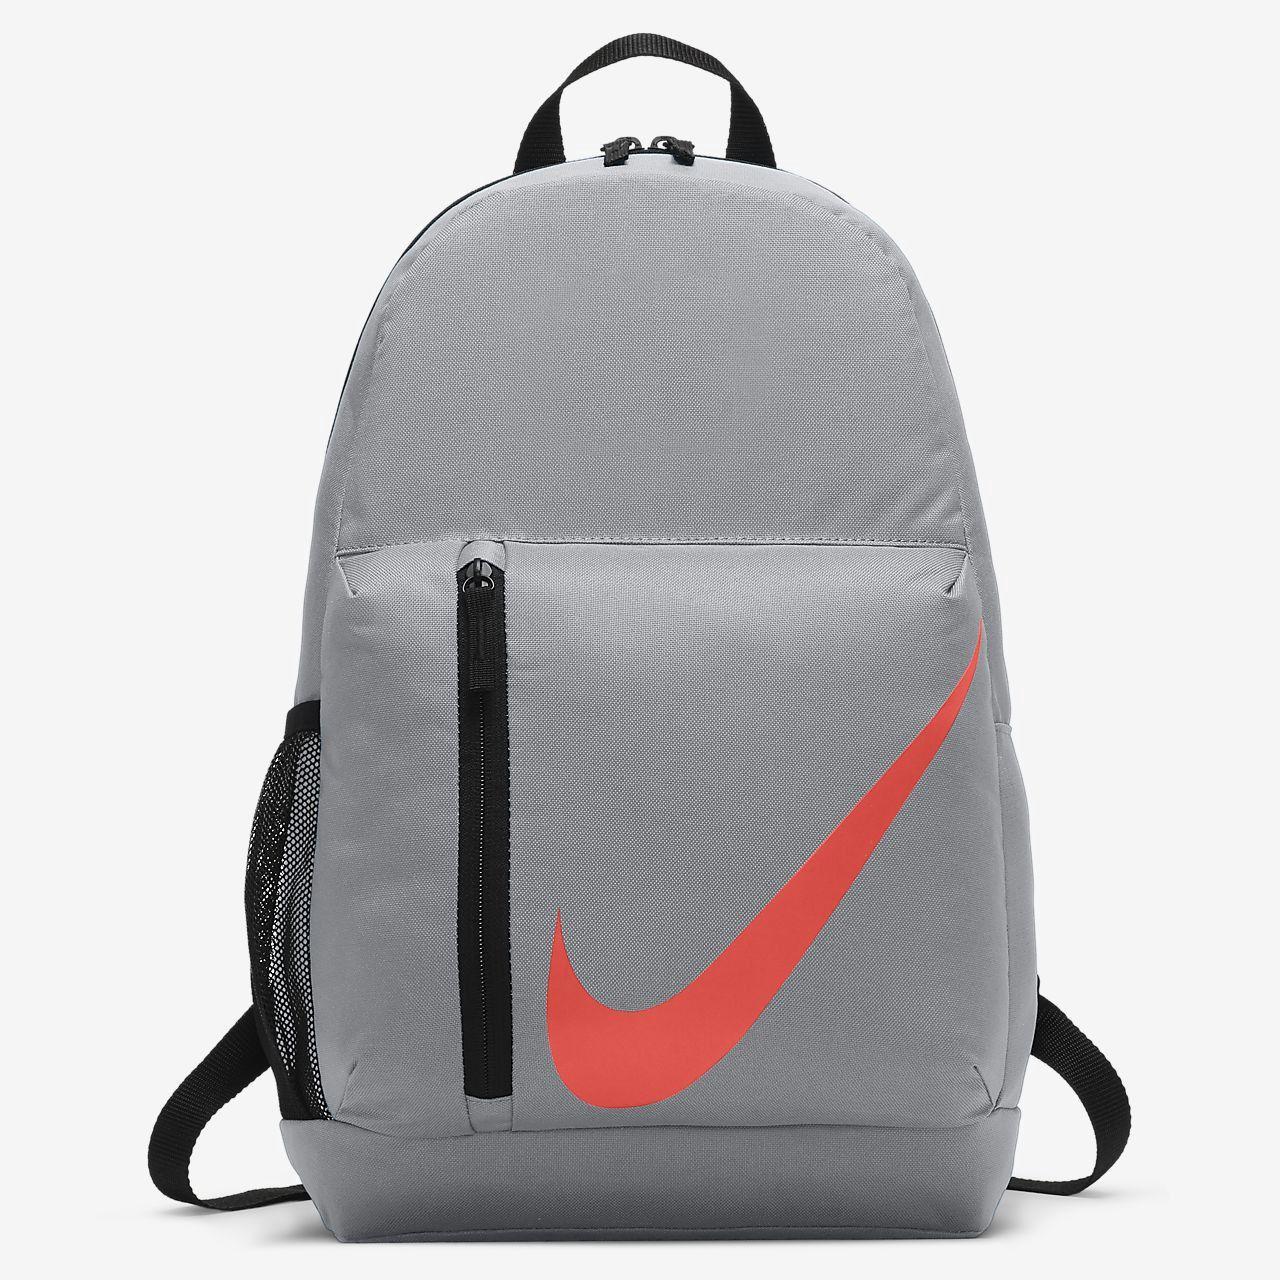 94bca8e99cd3 Nike Elemental Backpack Waterproof- Fenix Toulouse Handball